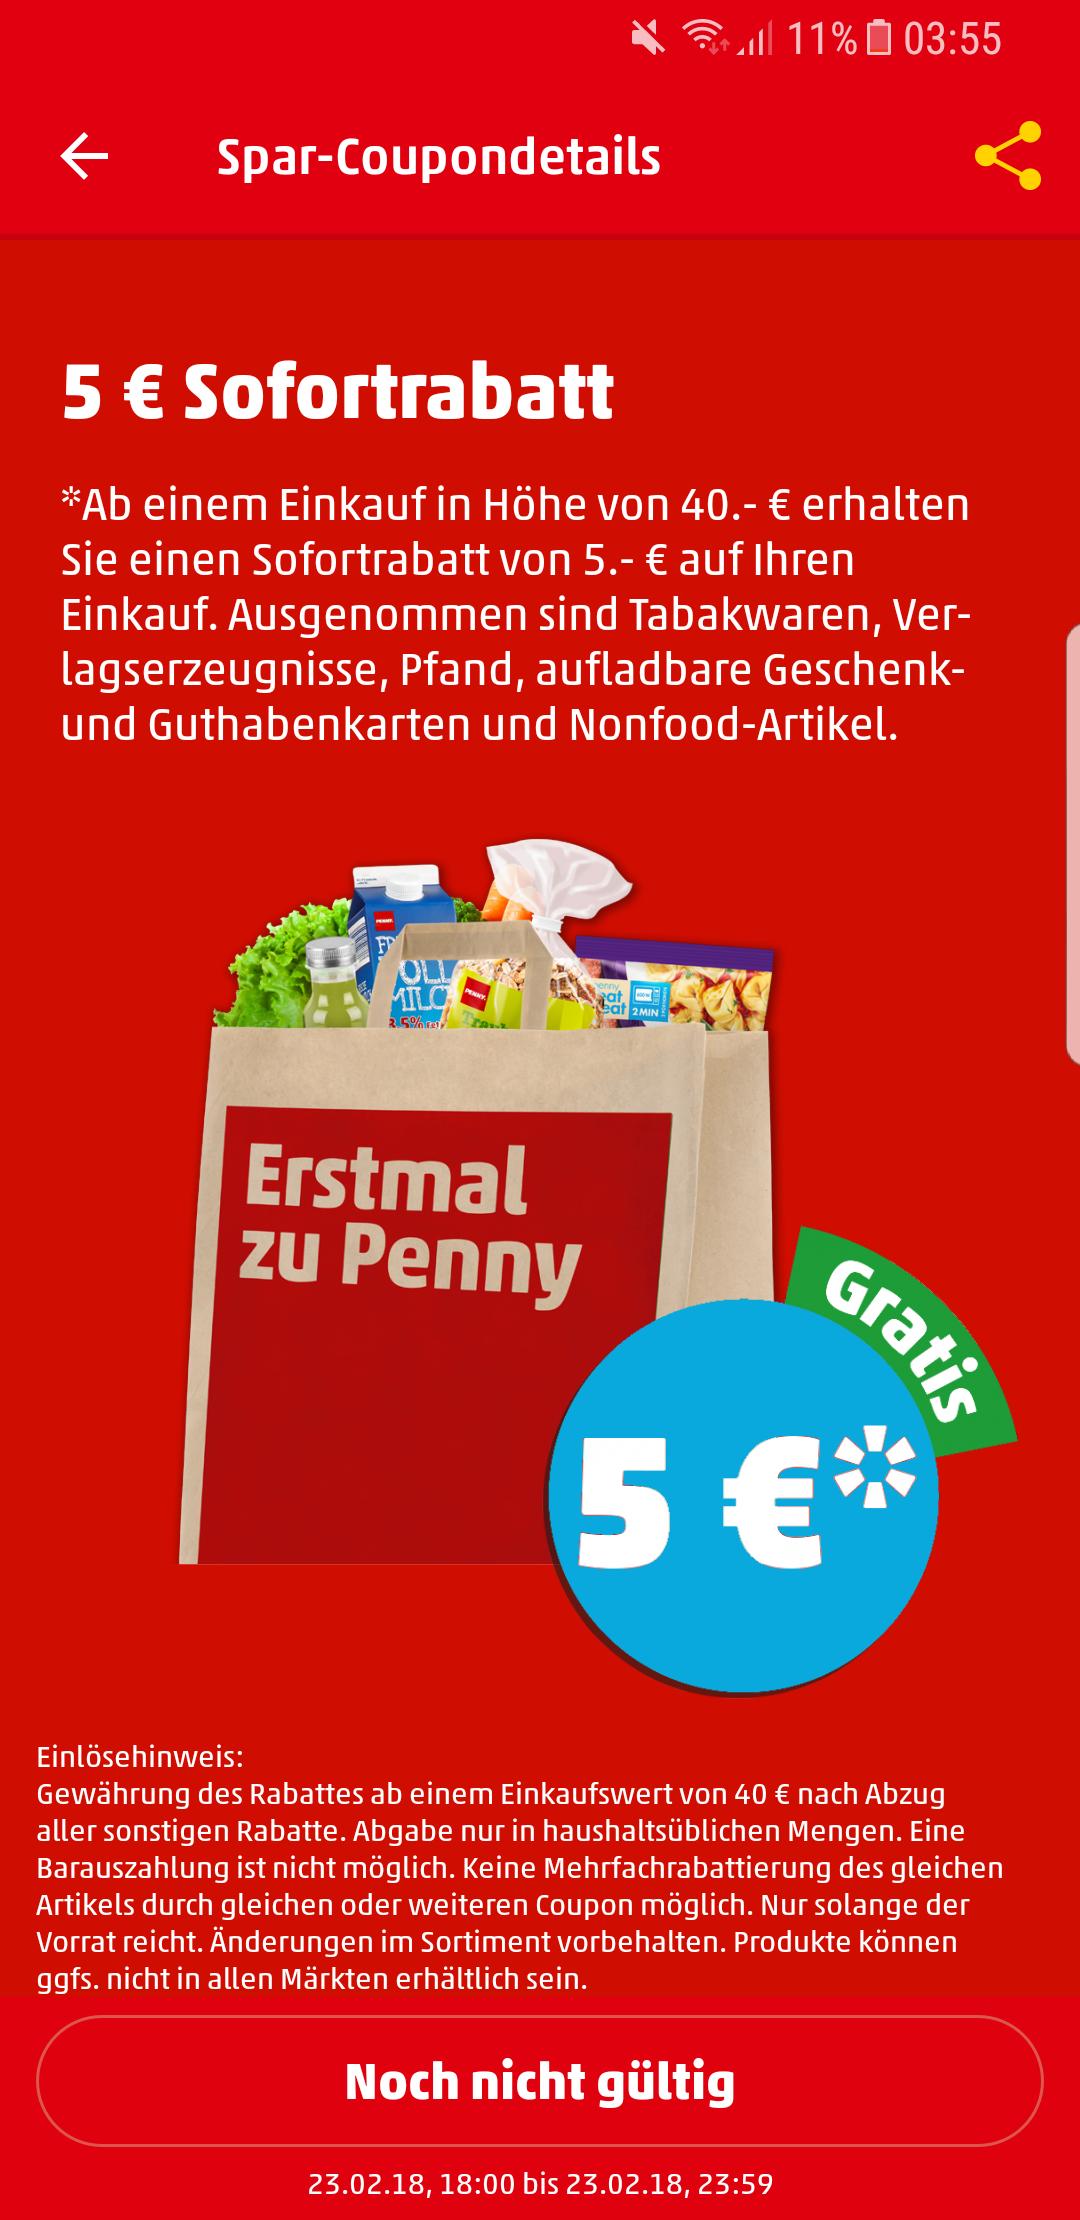 [Penny] 5€ Abzug ab einem Einkauf von 40€ am 23.02.18 [weitere Angebote im Text]